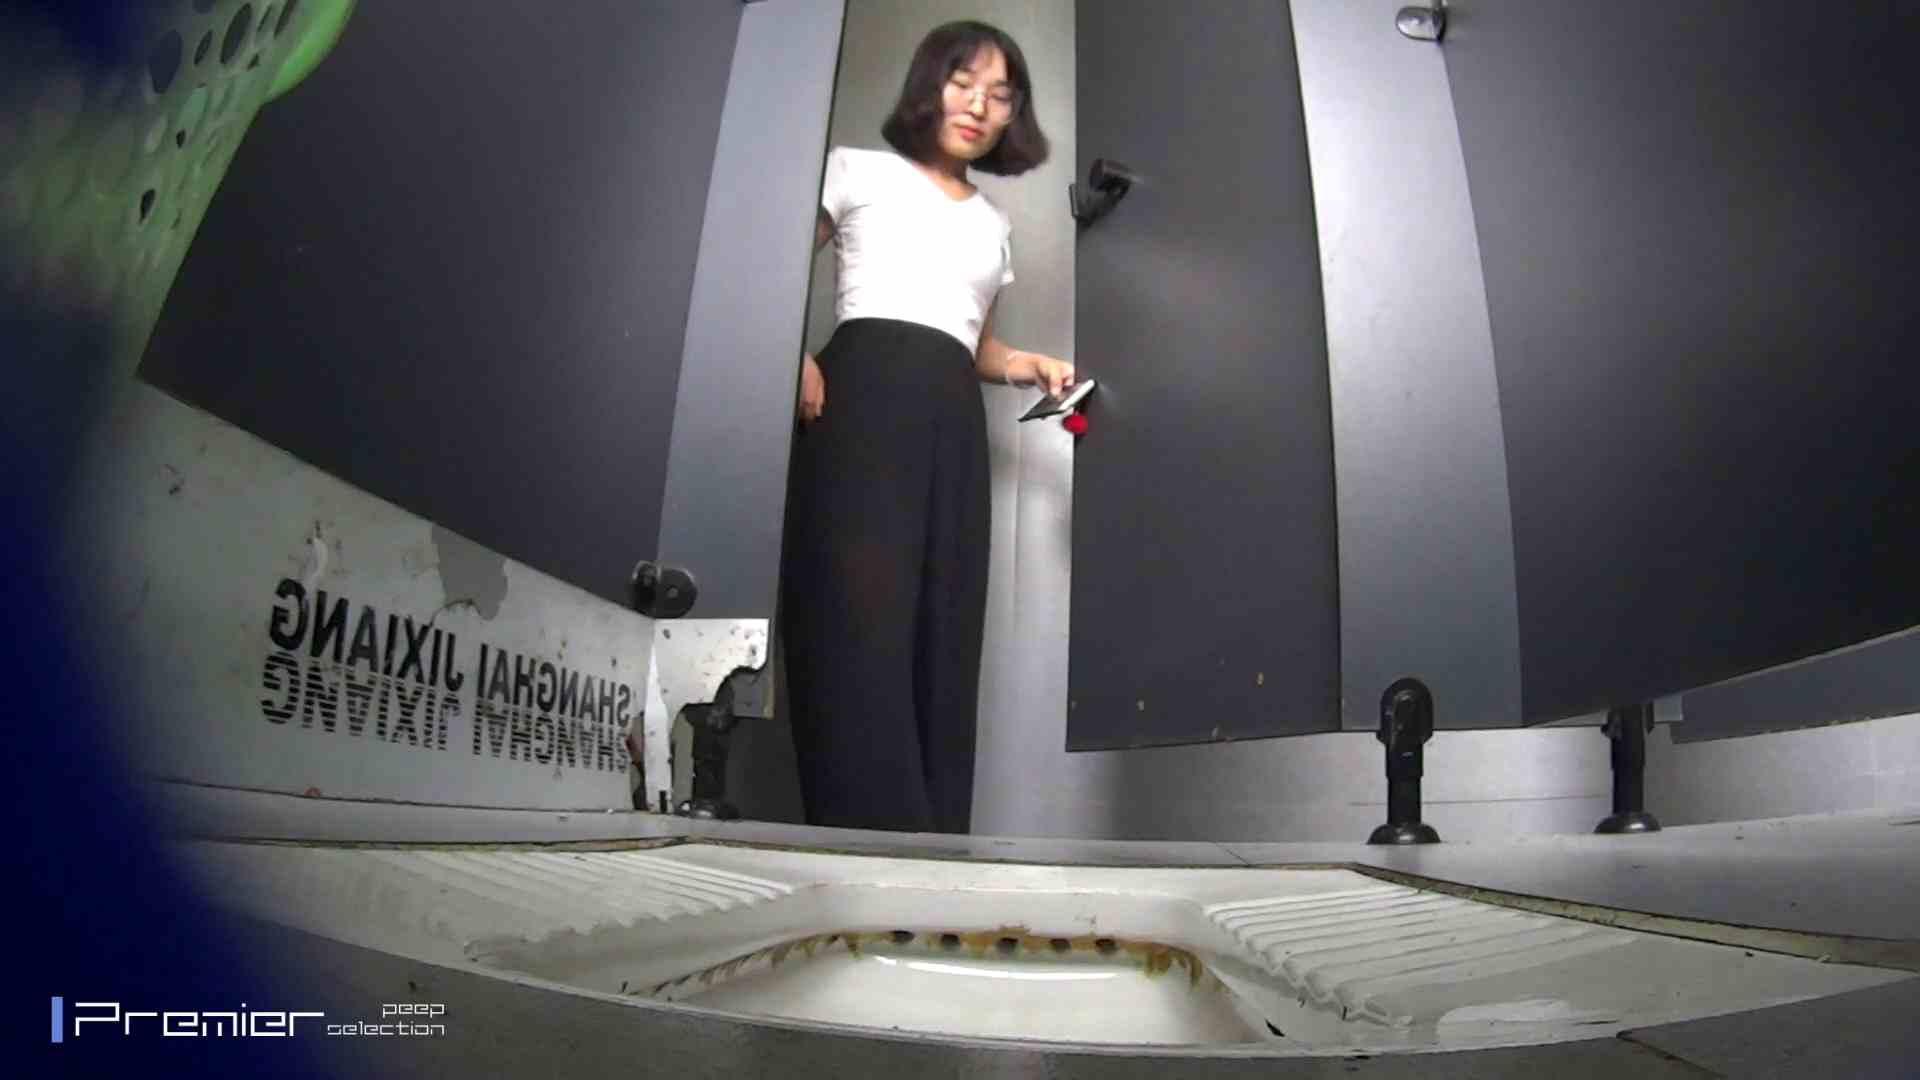 夏全開!ハーフパンツのギャル達 大学休憩時間の洗面所事情44 お姉さん  112pic 72